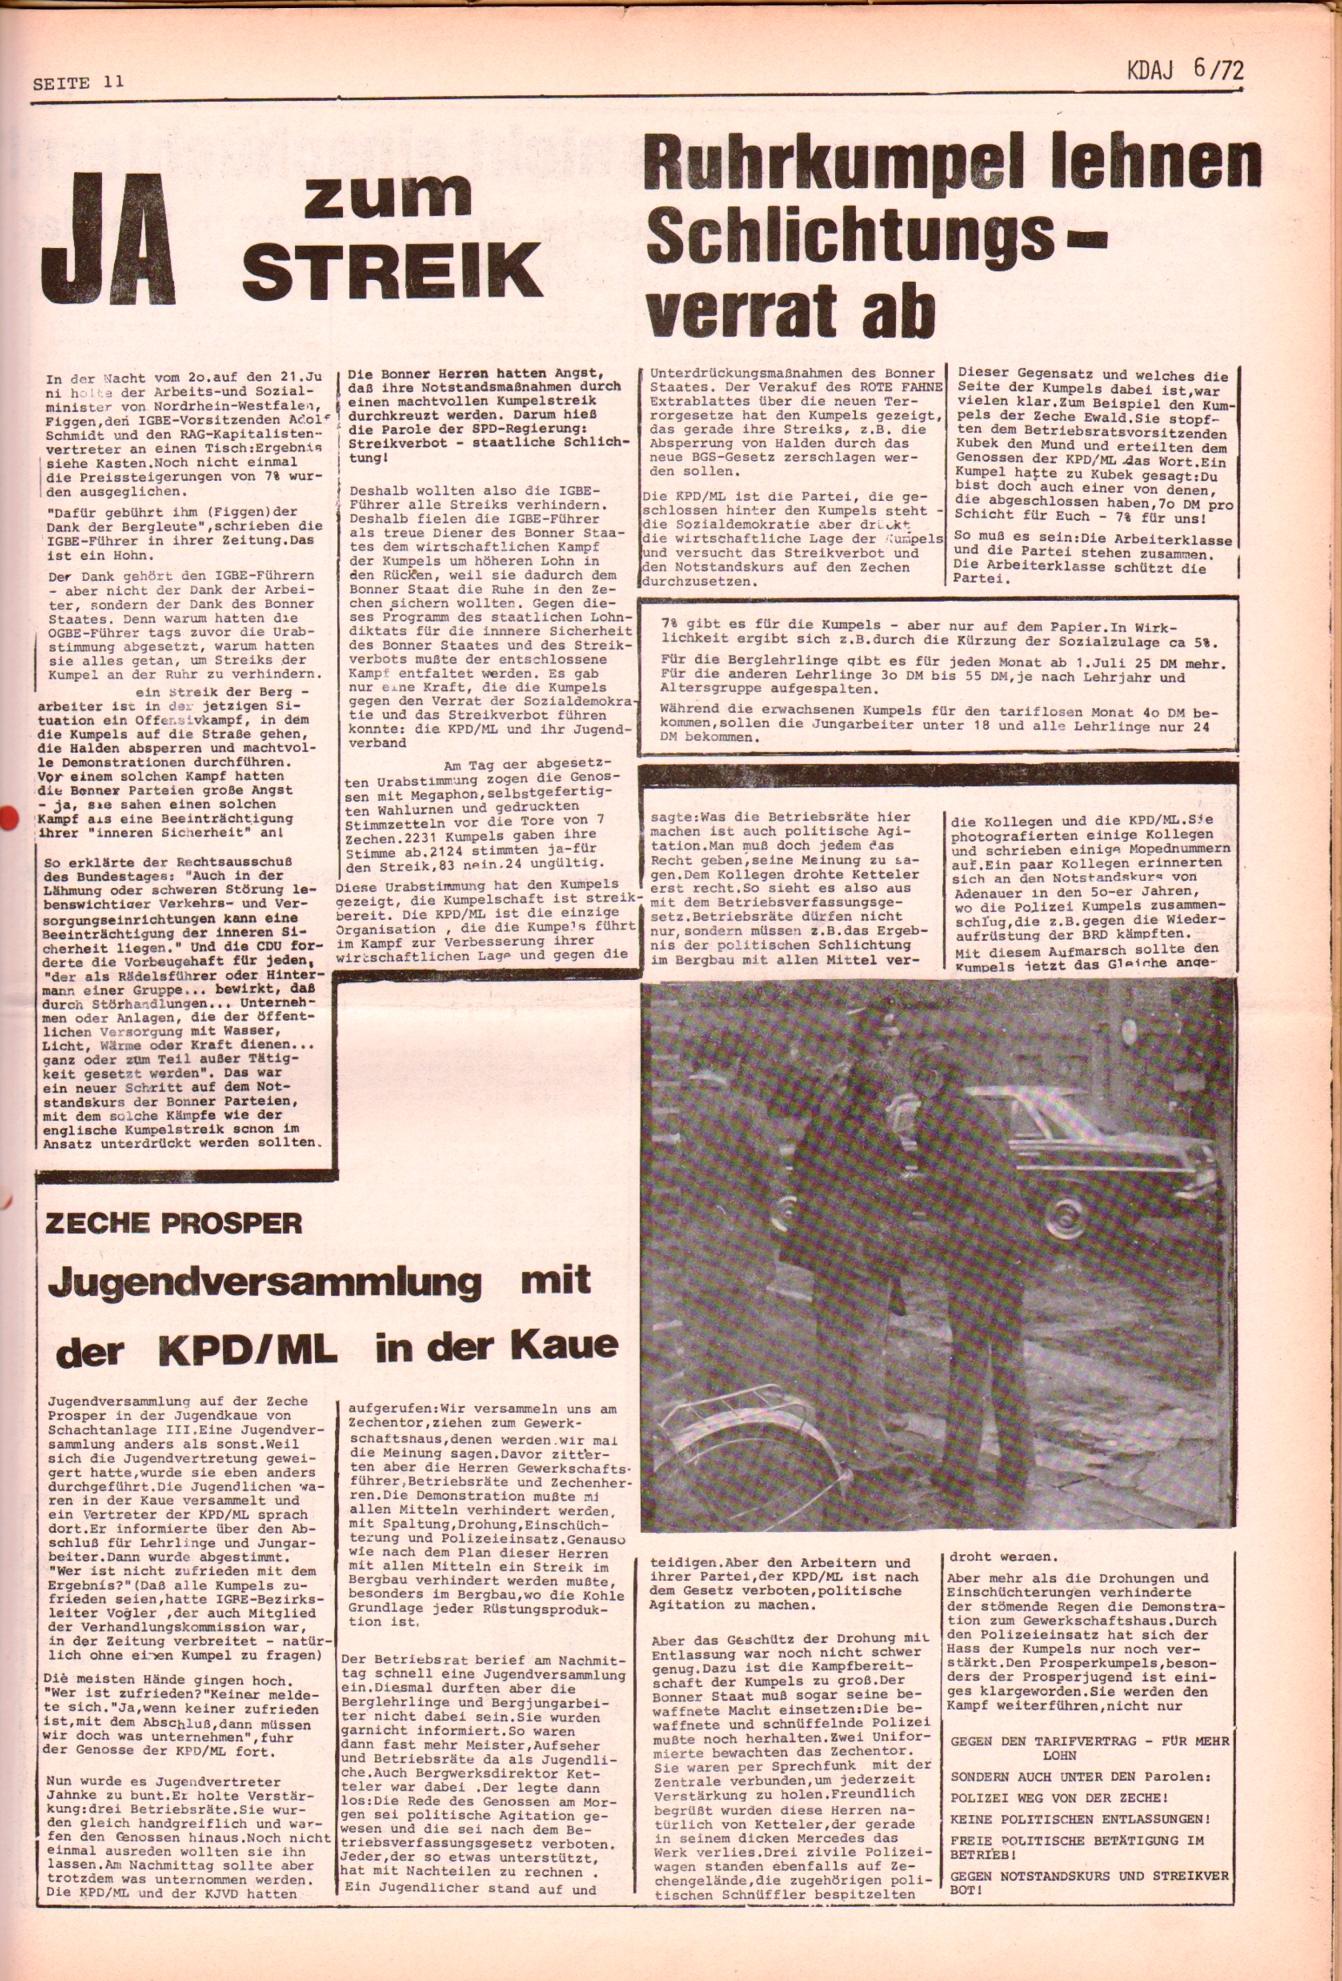 KDAJ, 3. Jg., Juli 1972, Nr. 6, Seite 11